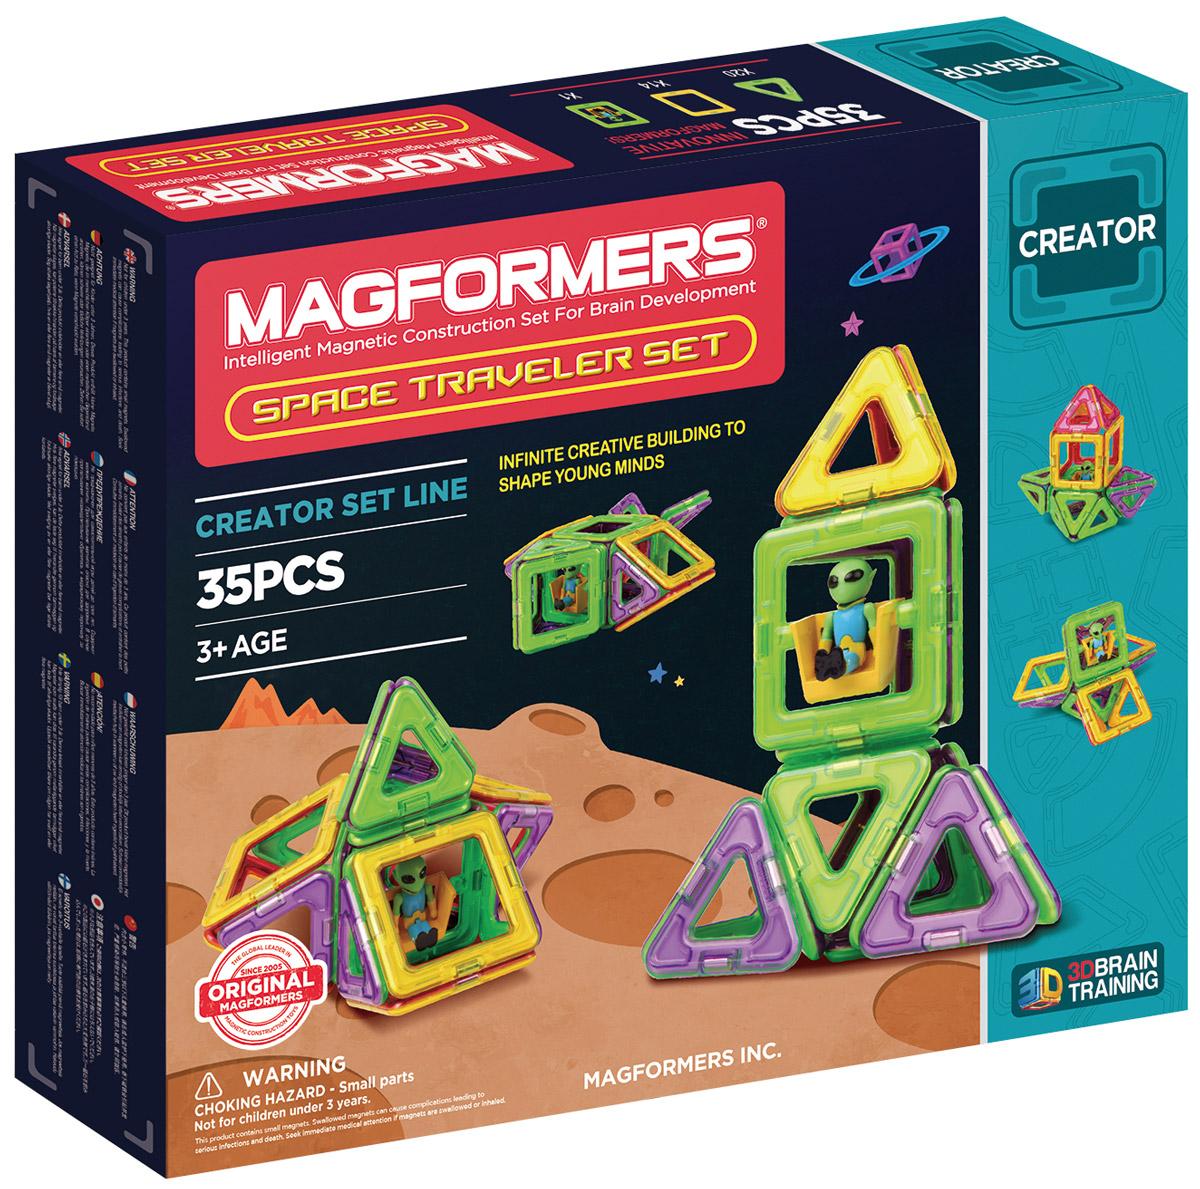 Magformers Магнитный конструктор Space Traveler Set магнитный конструктор magformers space treveller set 35 элементов 703007